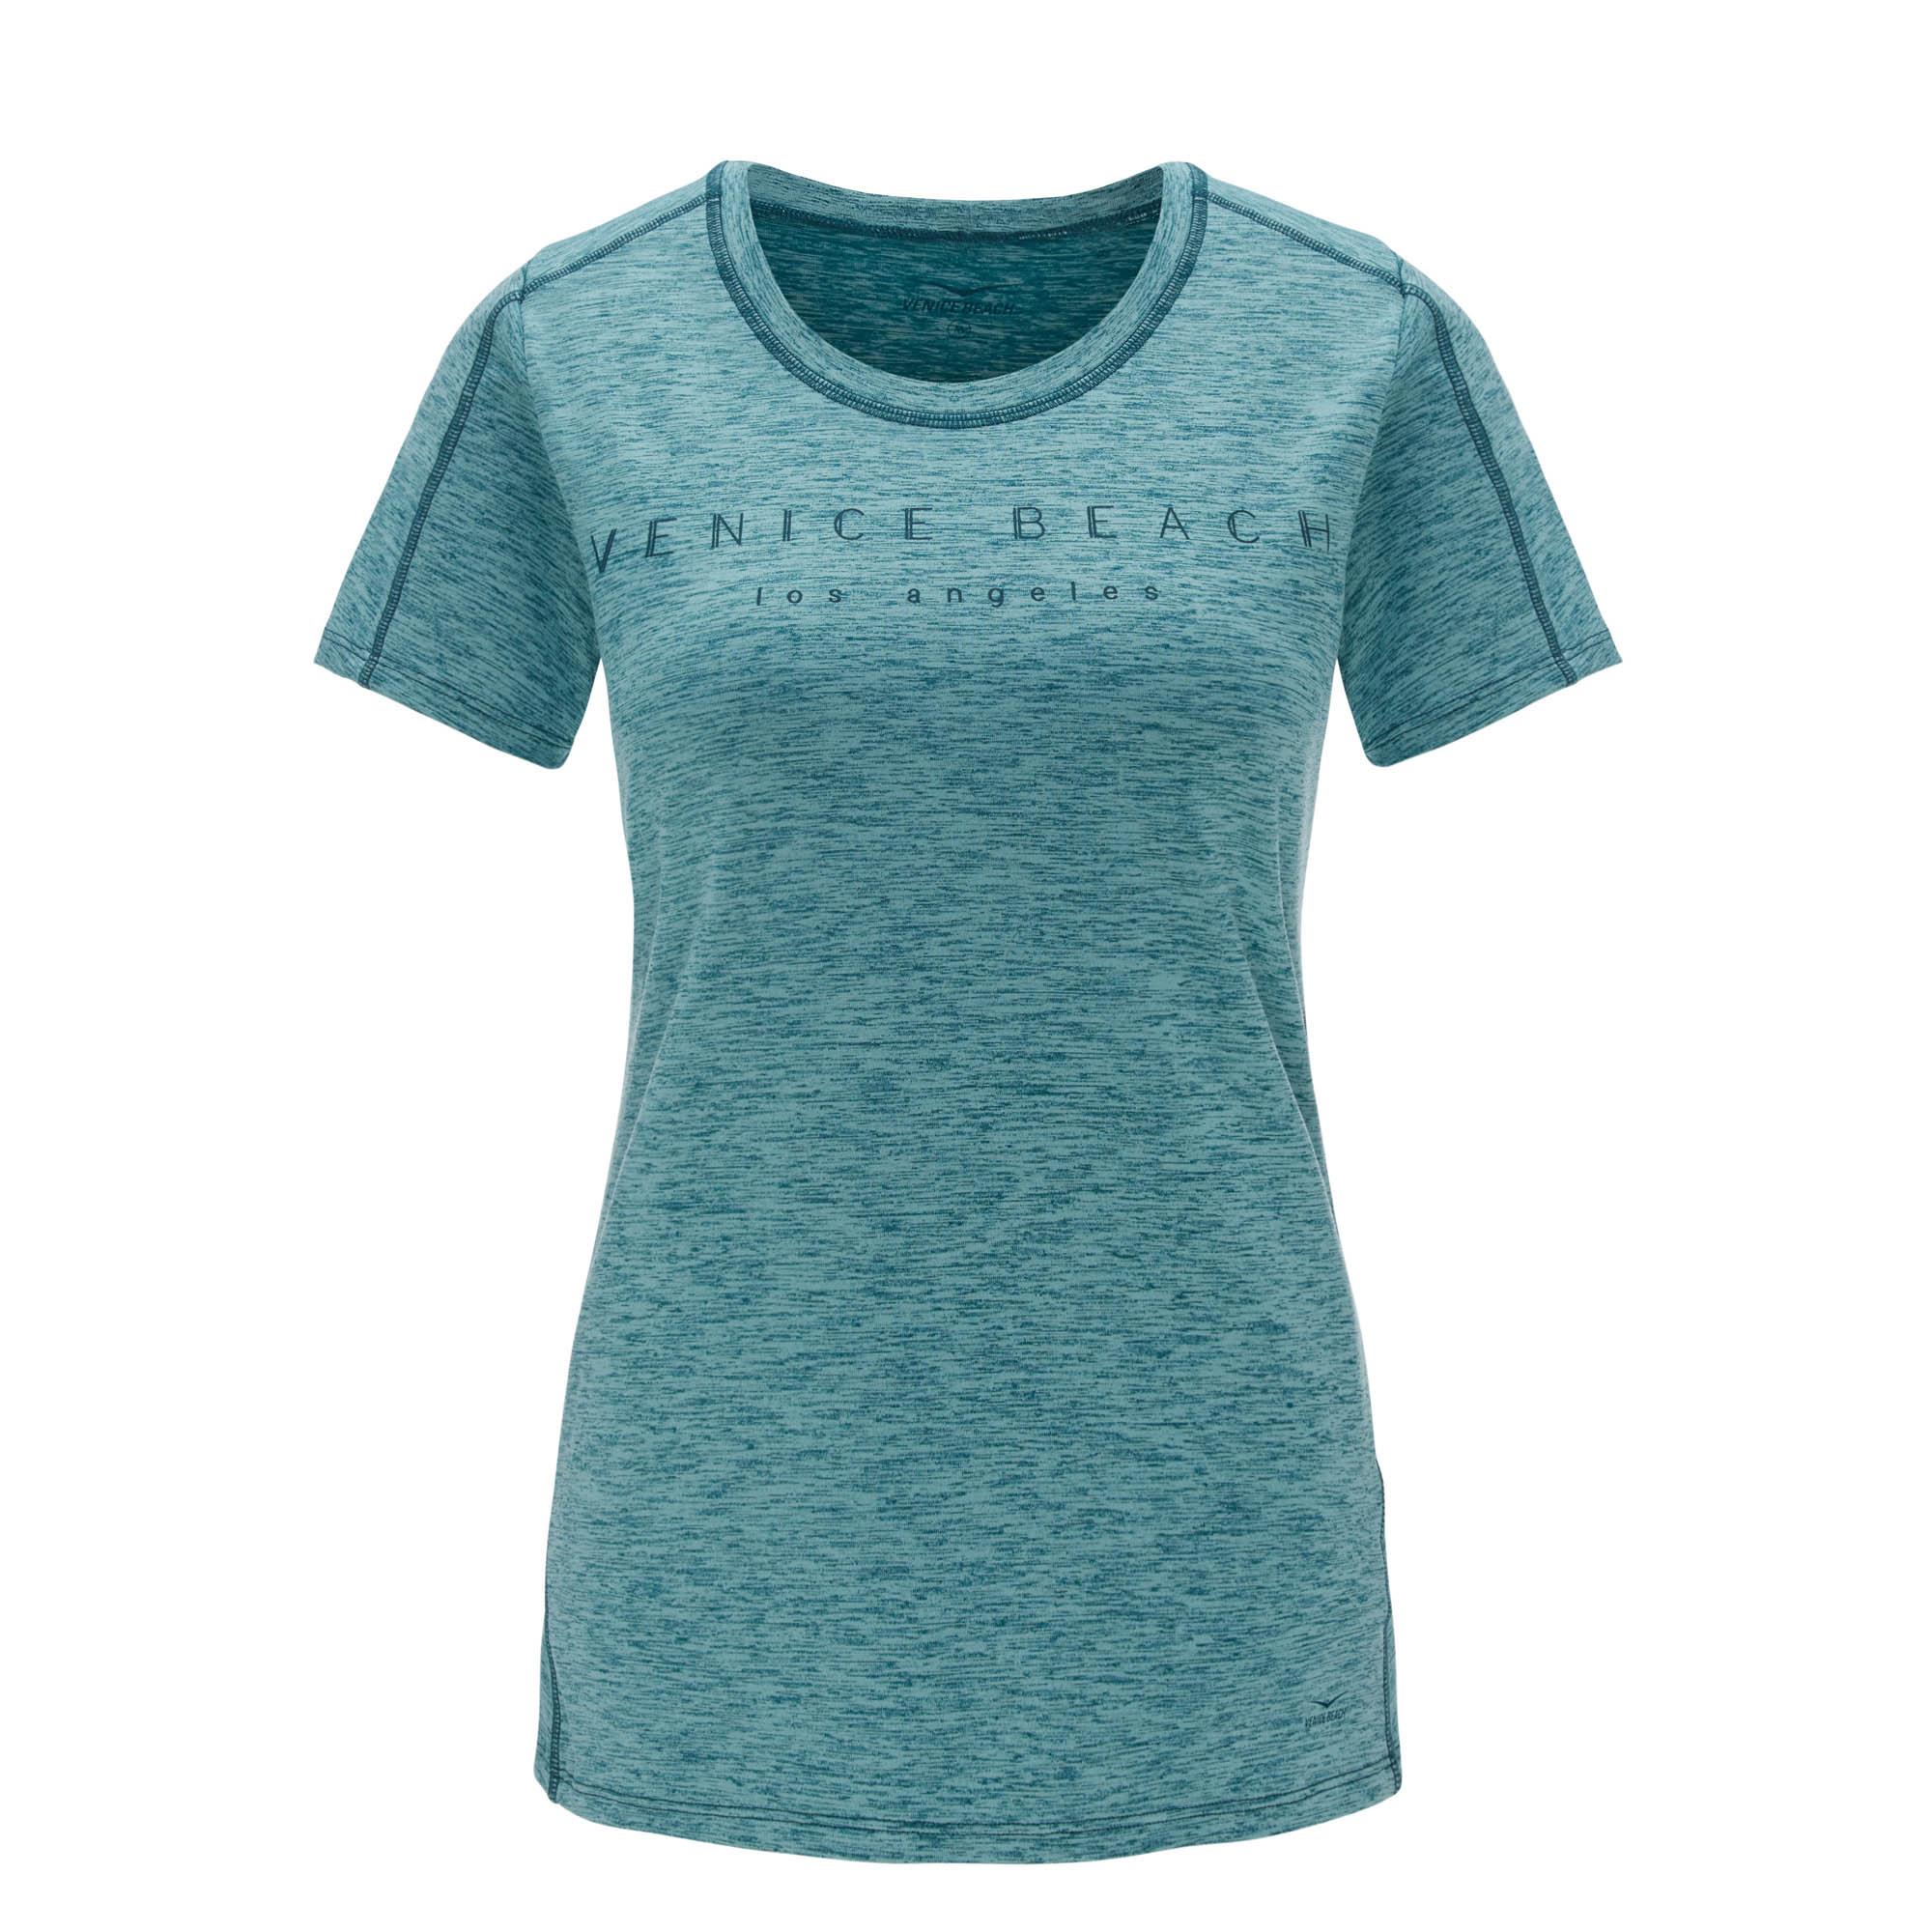 Venice Beach Damen T-Shirt Palina DMELB 01 Shirt 15206-883 XL